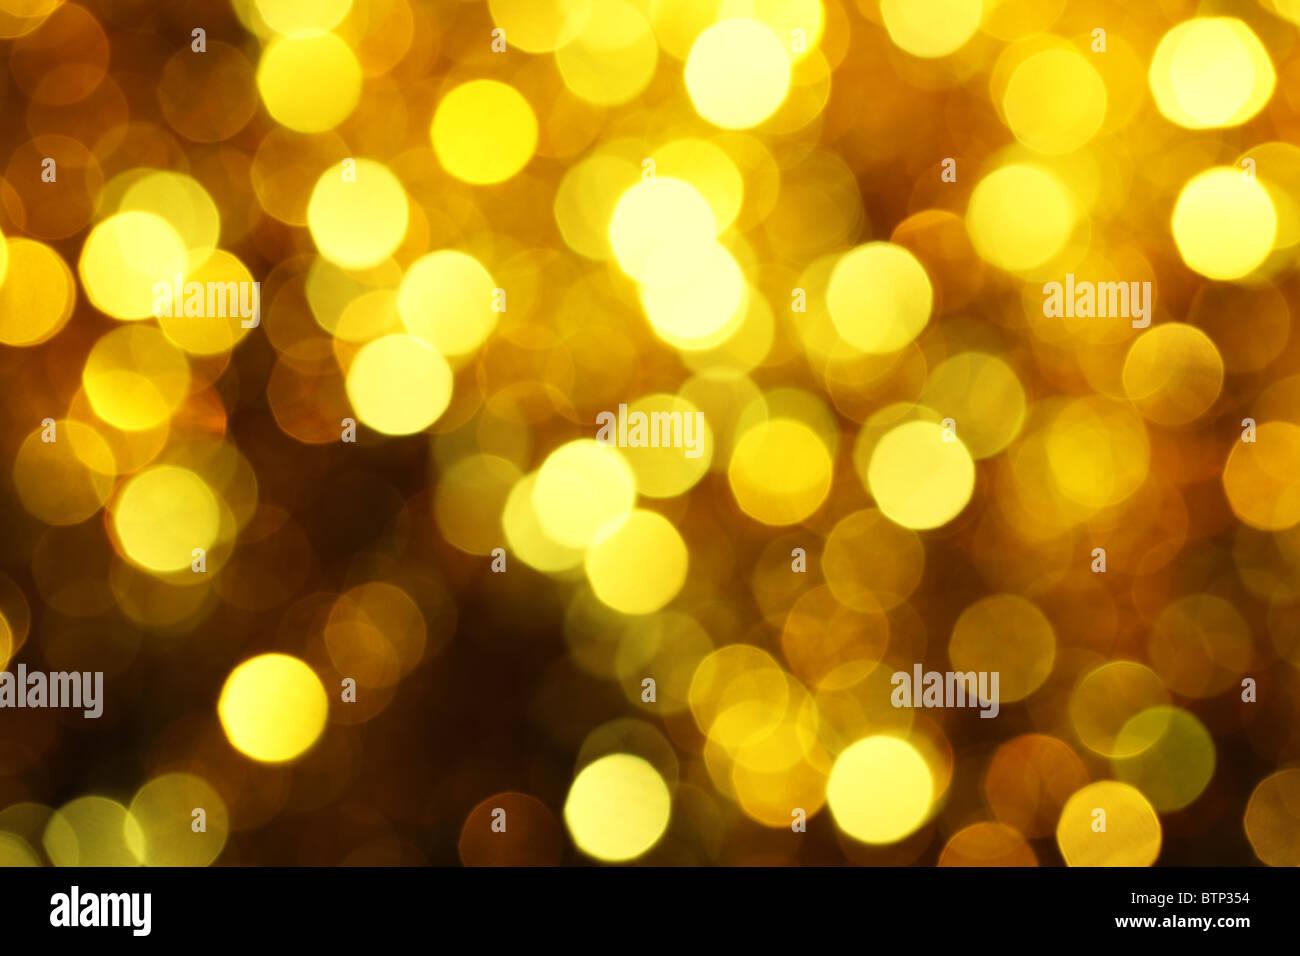 Las luces de Navidad como fondo abstracto Imagen De Stock